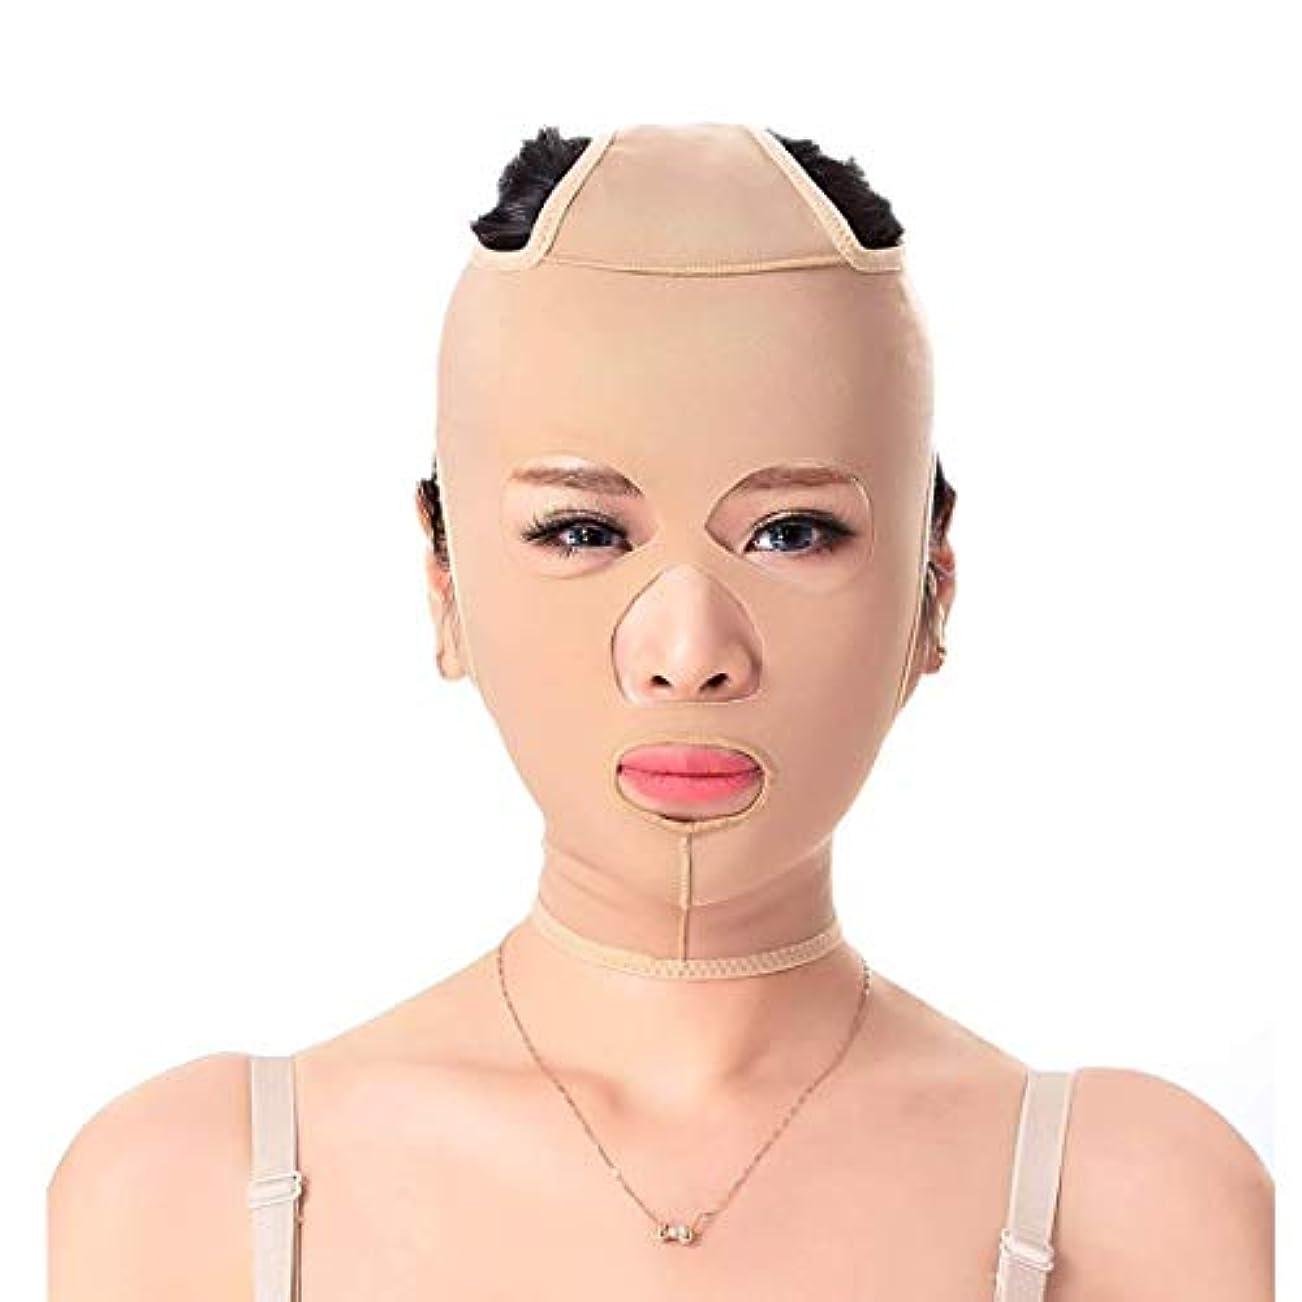 農奴自伝スリムSlim身ベルト、フェイシャルマスクフェイスプラスチック顔Arを引き締めるダブルあごを持ち上げるパターンを布布する薄いフェイスマスクtifactパワフルフェイスバンデージ(サイズ:M)